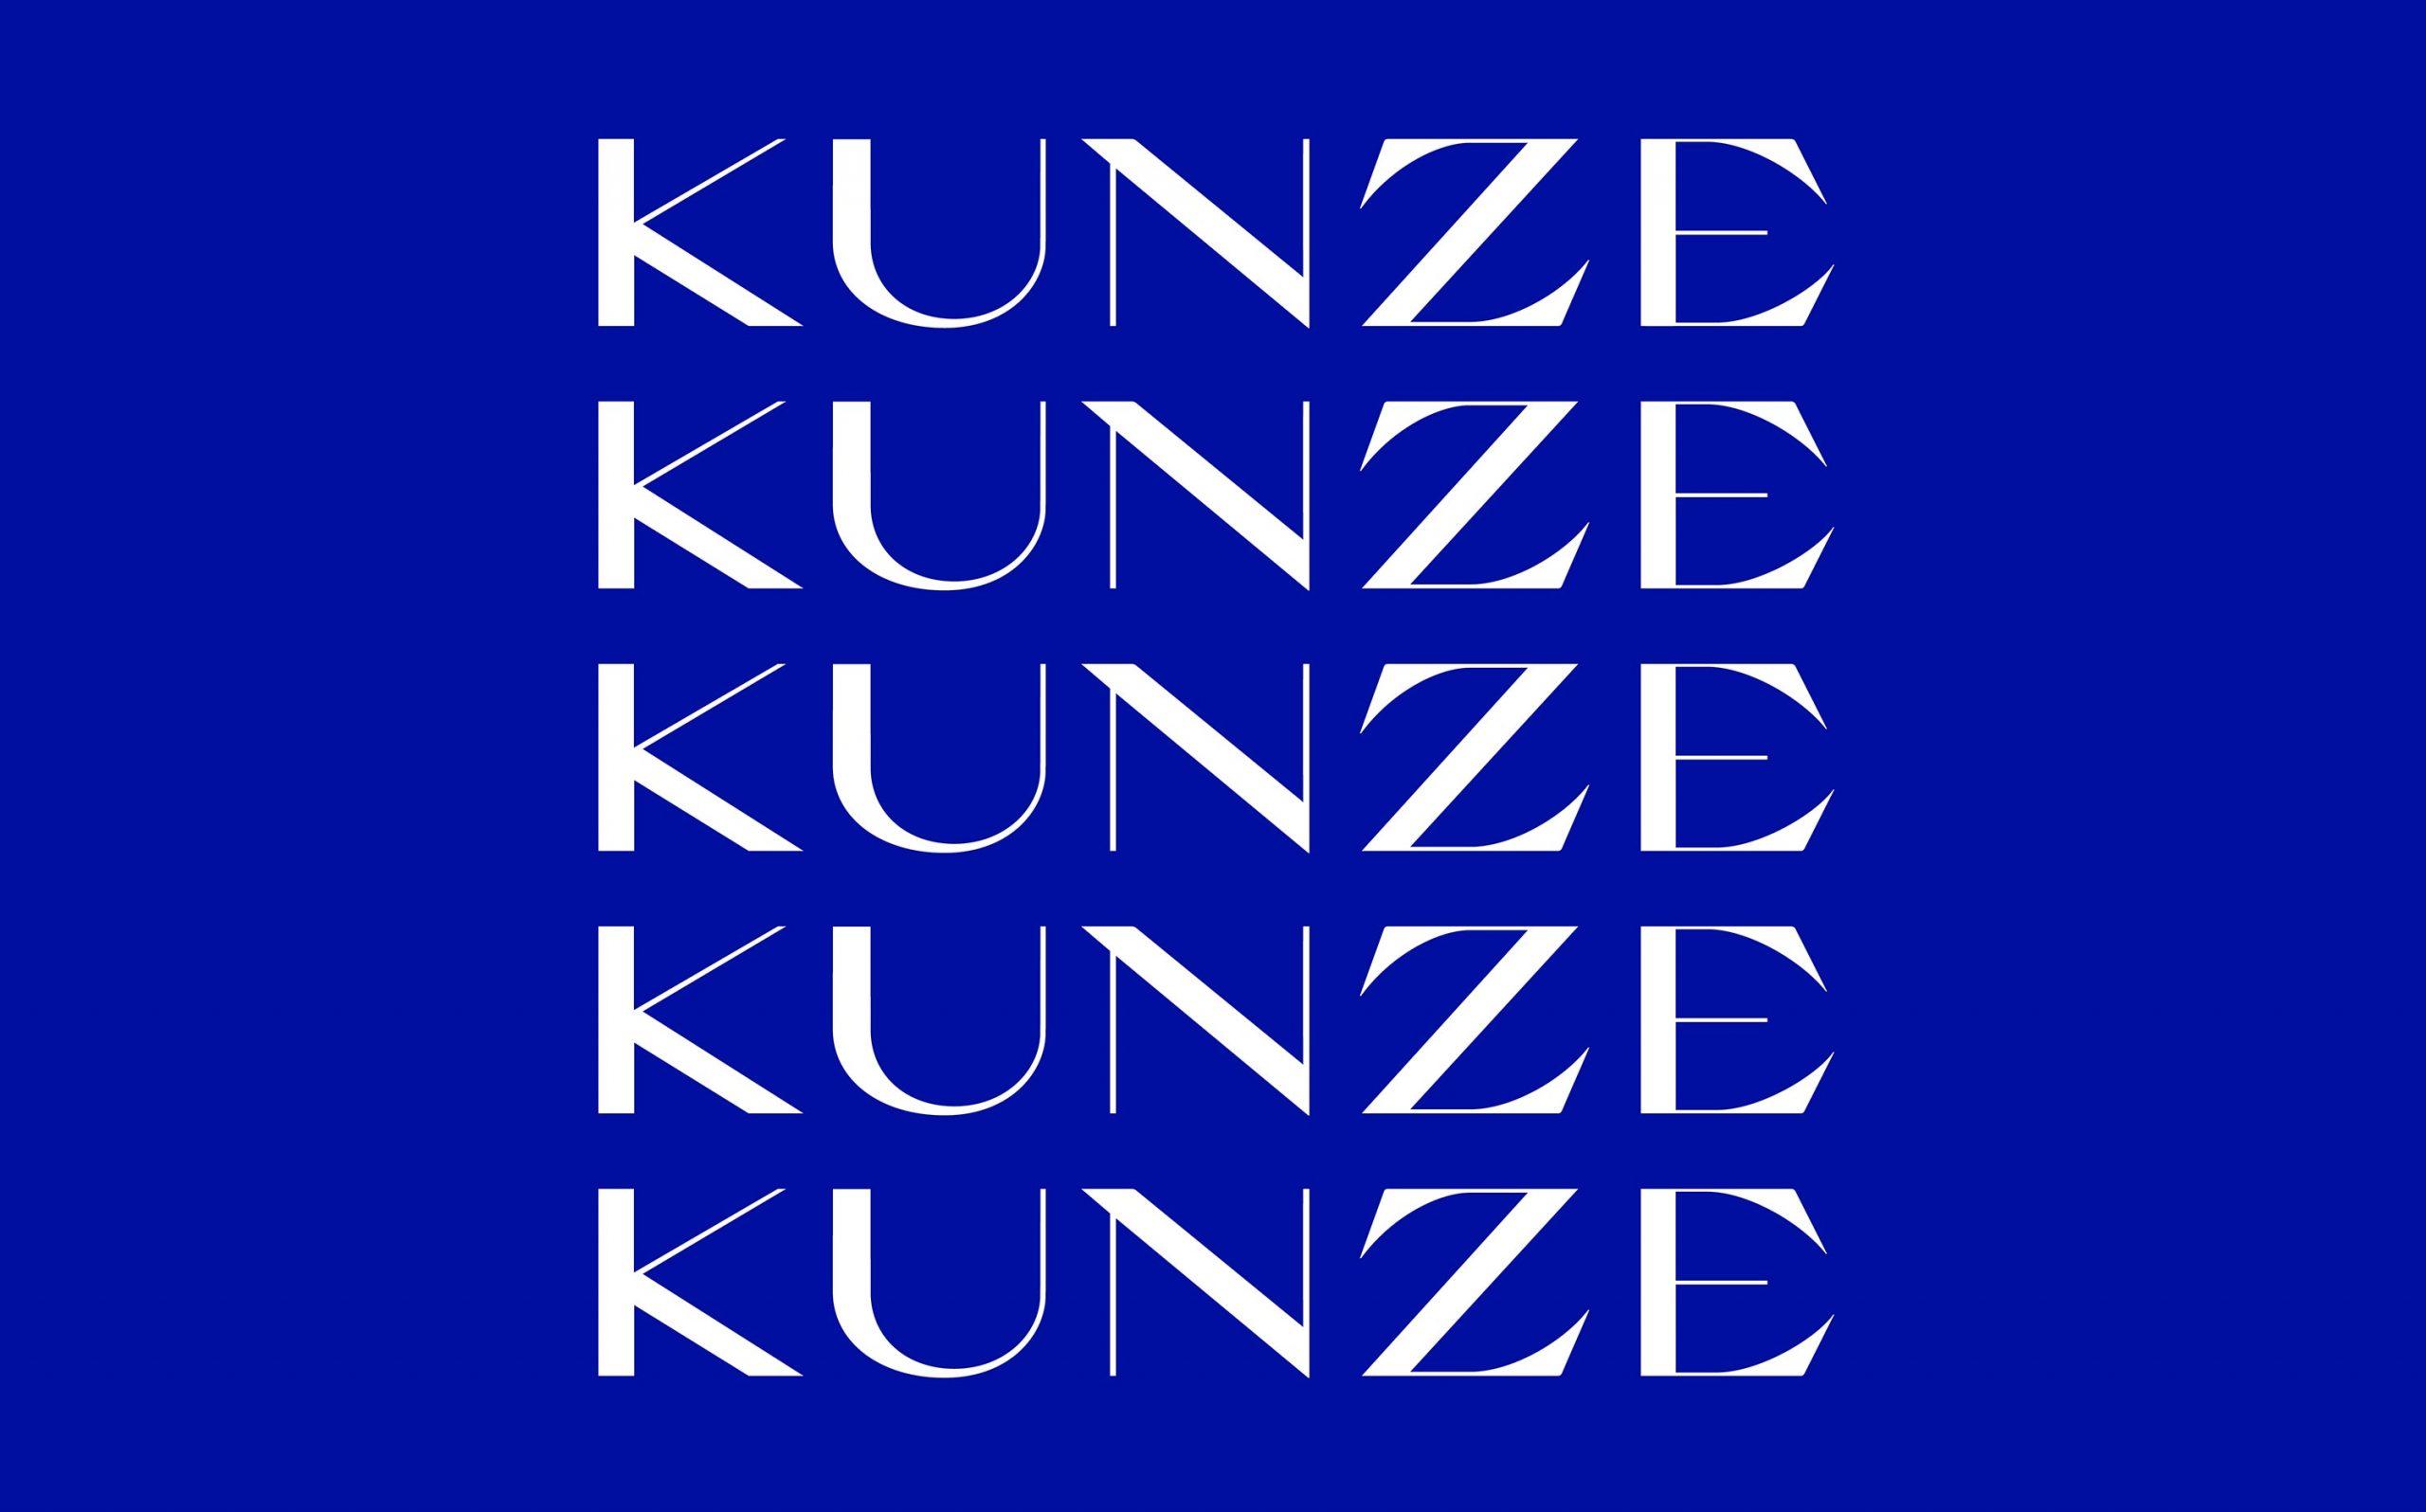 Corporate Design für Kunze Rechtsanwälte, München | Wortmarke | Keywords: Corporate Design, Branding, Contemporary Design, Blau, Blue, Typografie, Typography, Graphic Design, Grafikdesign, Abstrakte Kunst